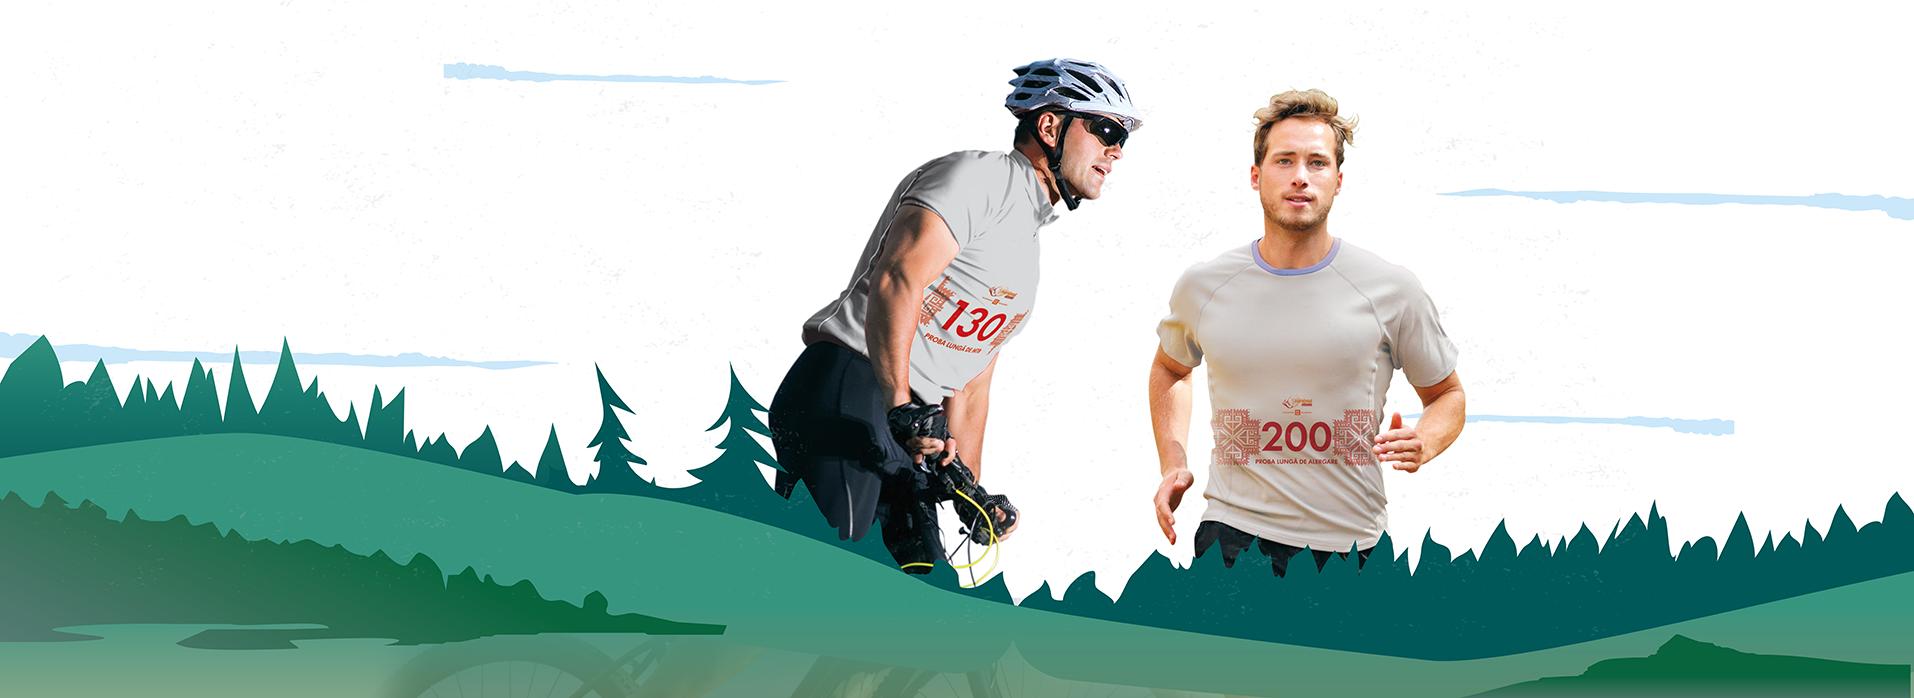 Rezervă-ți locul la Maratonul Olteniei 2018!